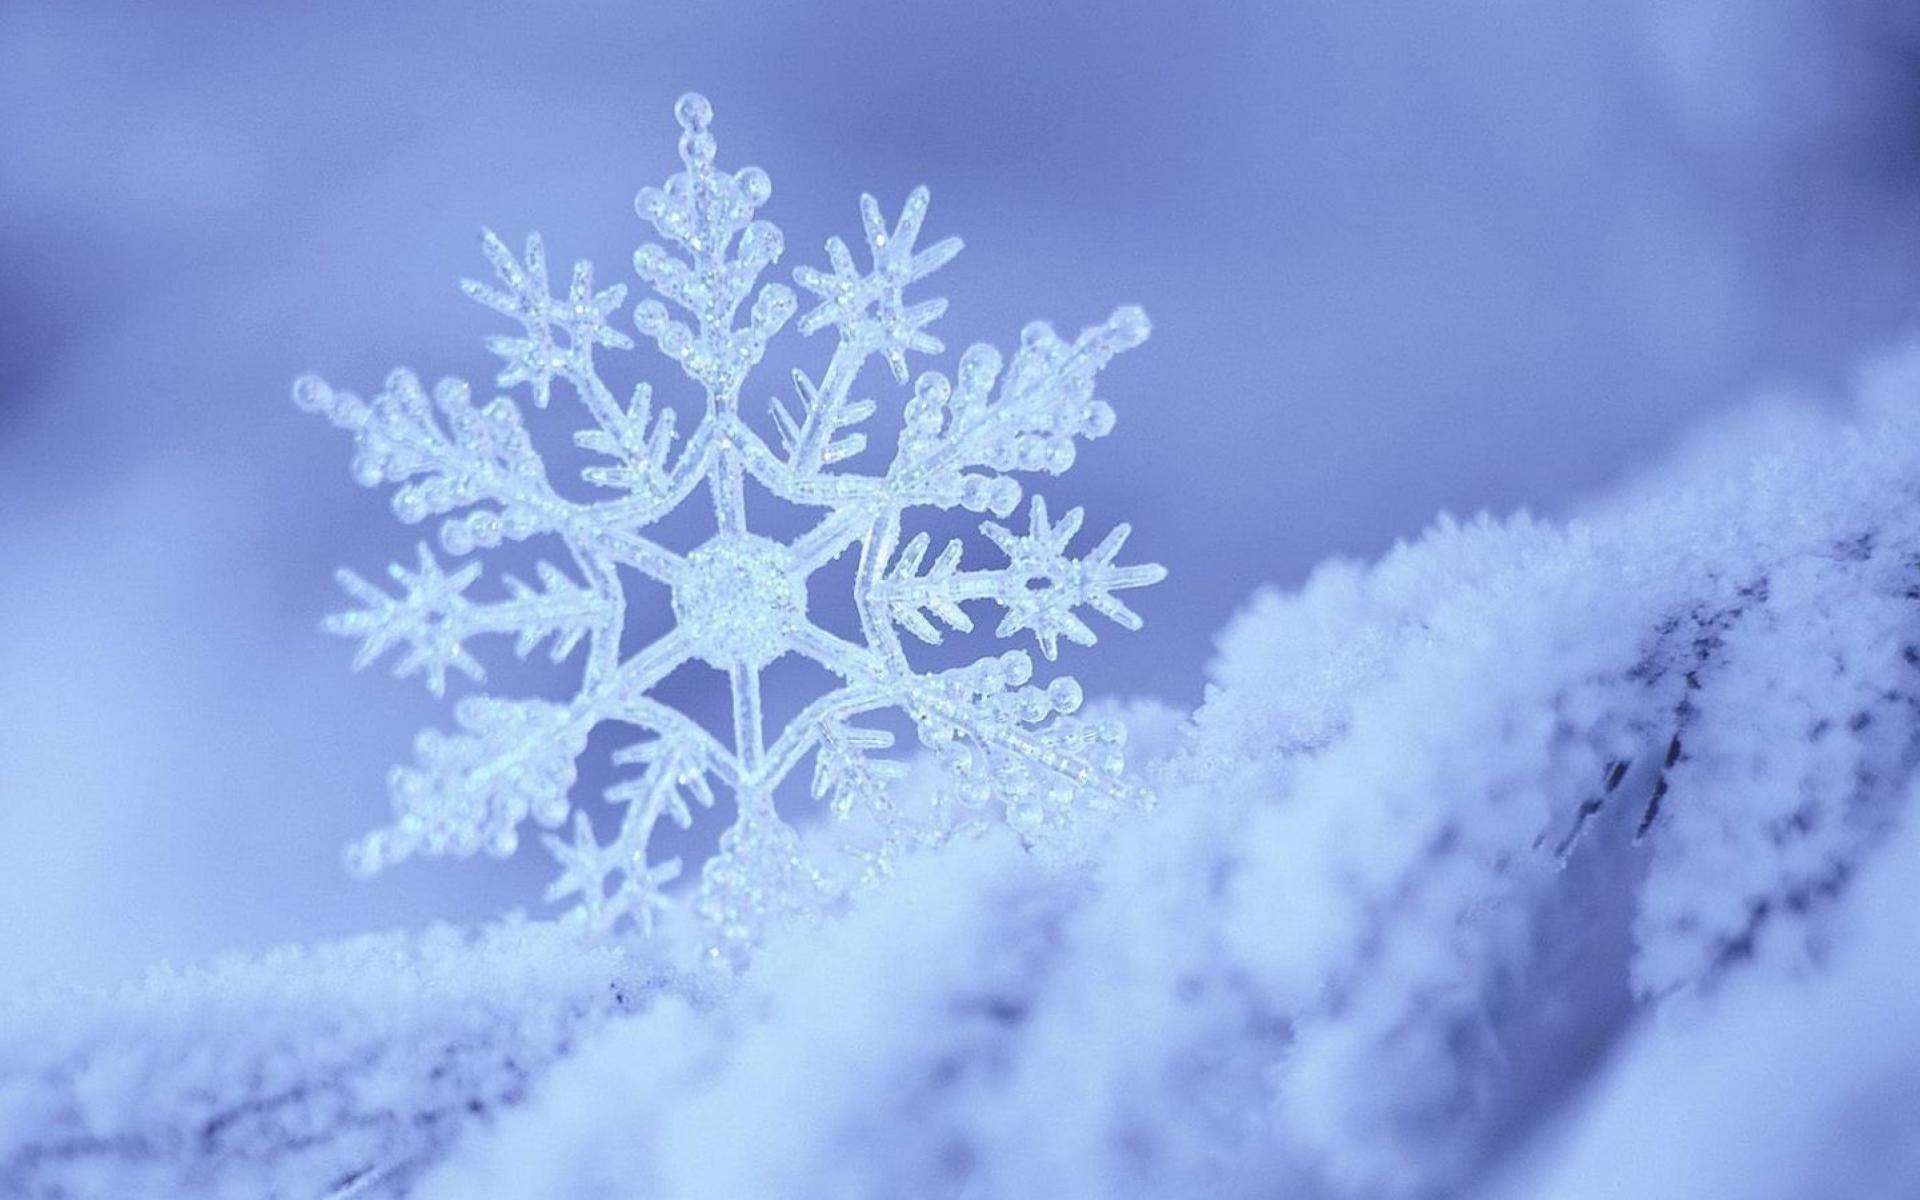 Beautiful snowflake wallpapers Desktop